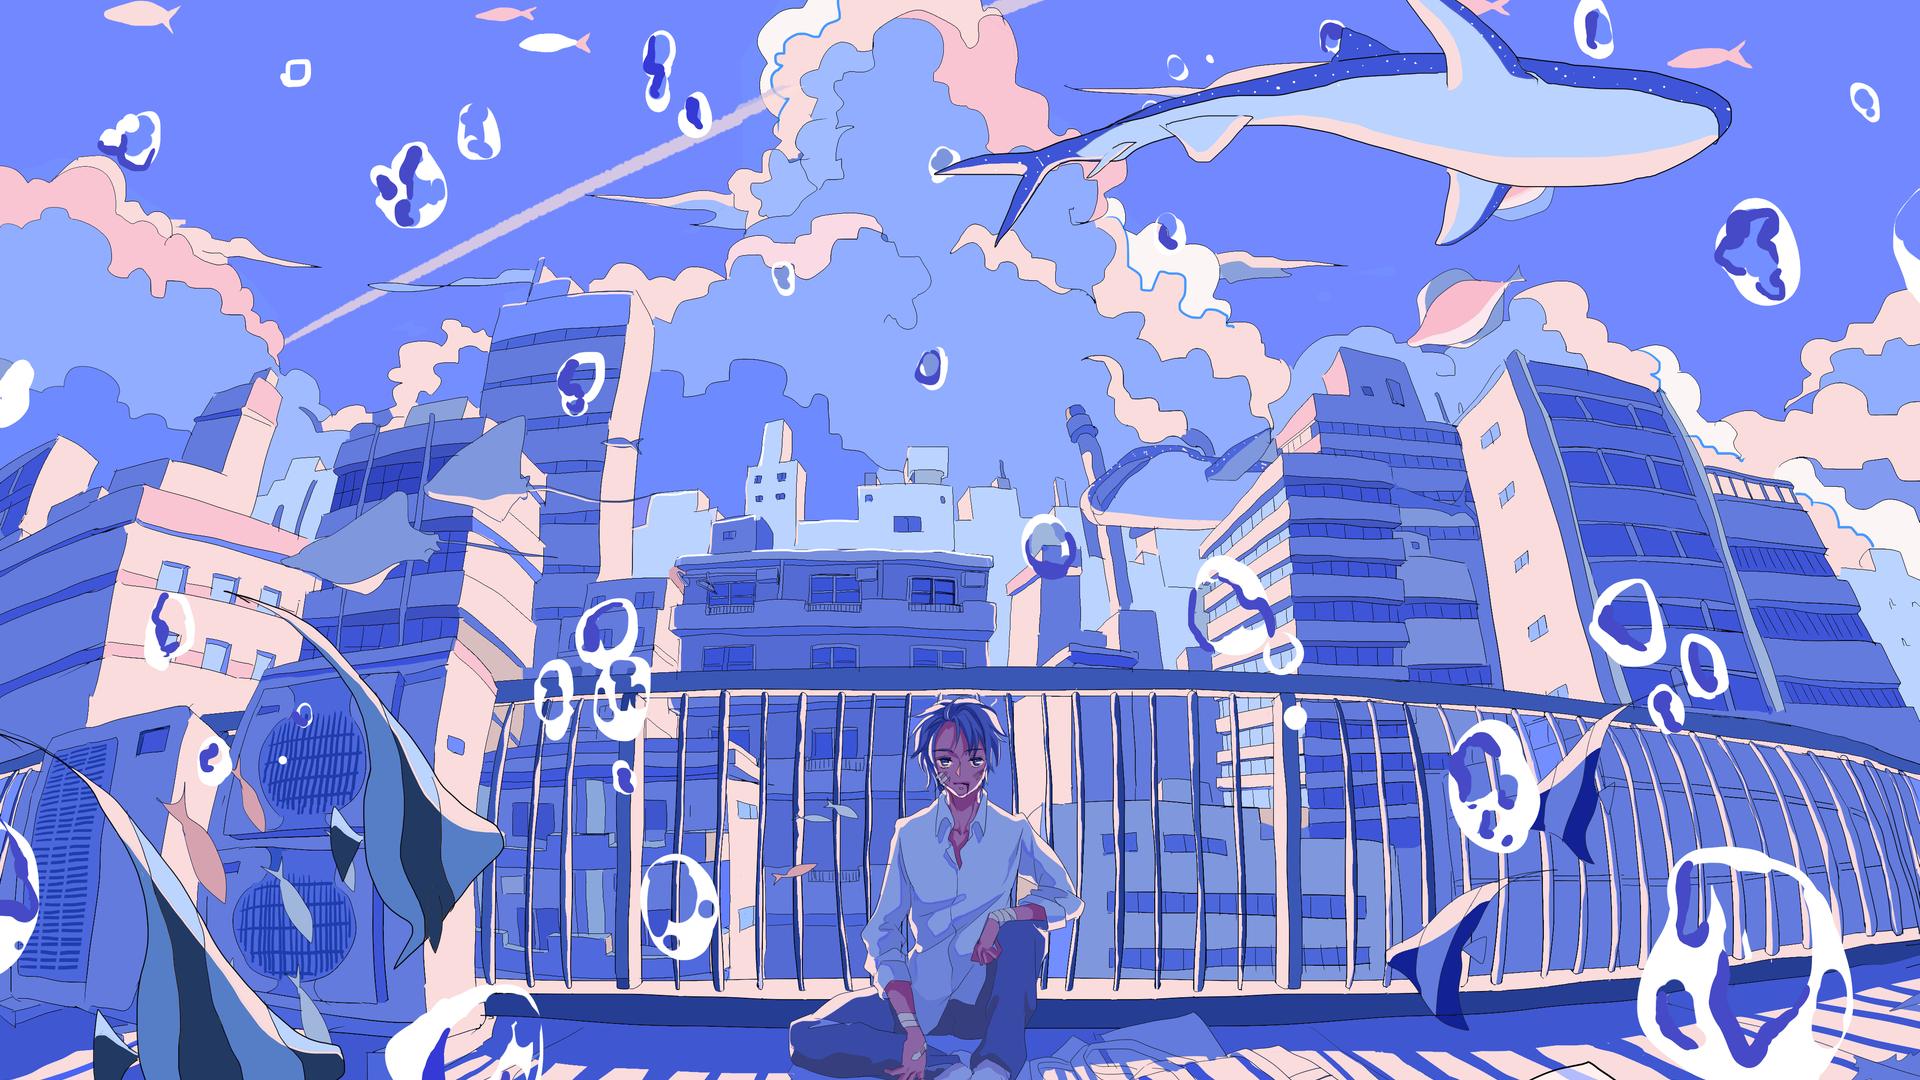 1920x1080 Anime Boy Lost In Dreams 4k Laptop Full HD 1080P ...